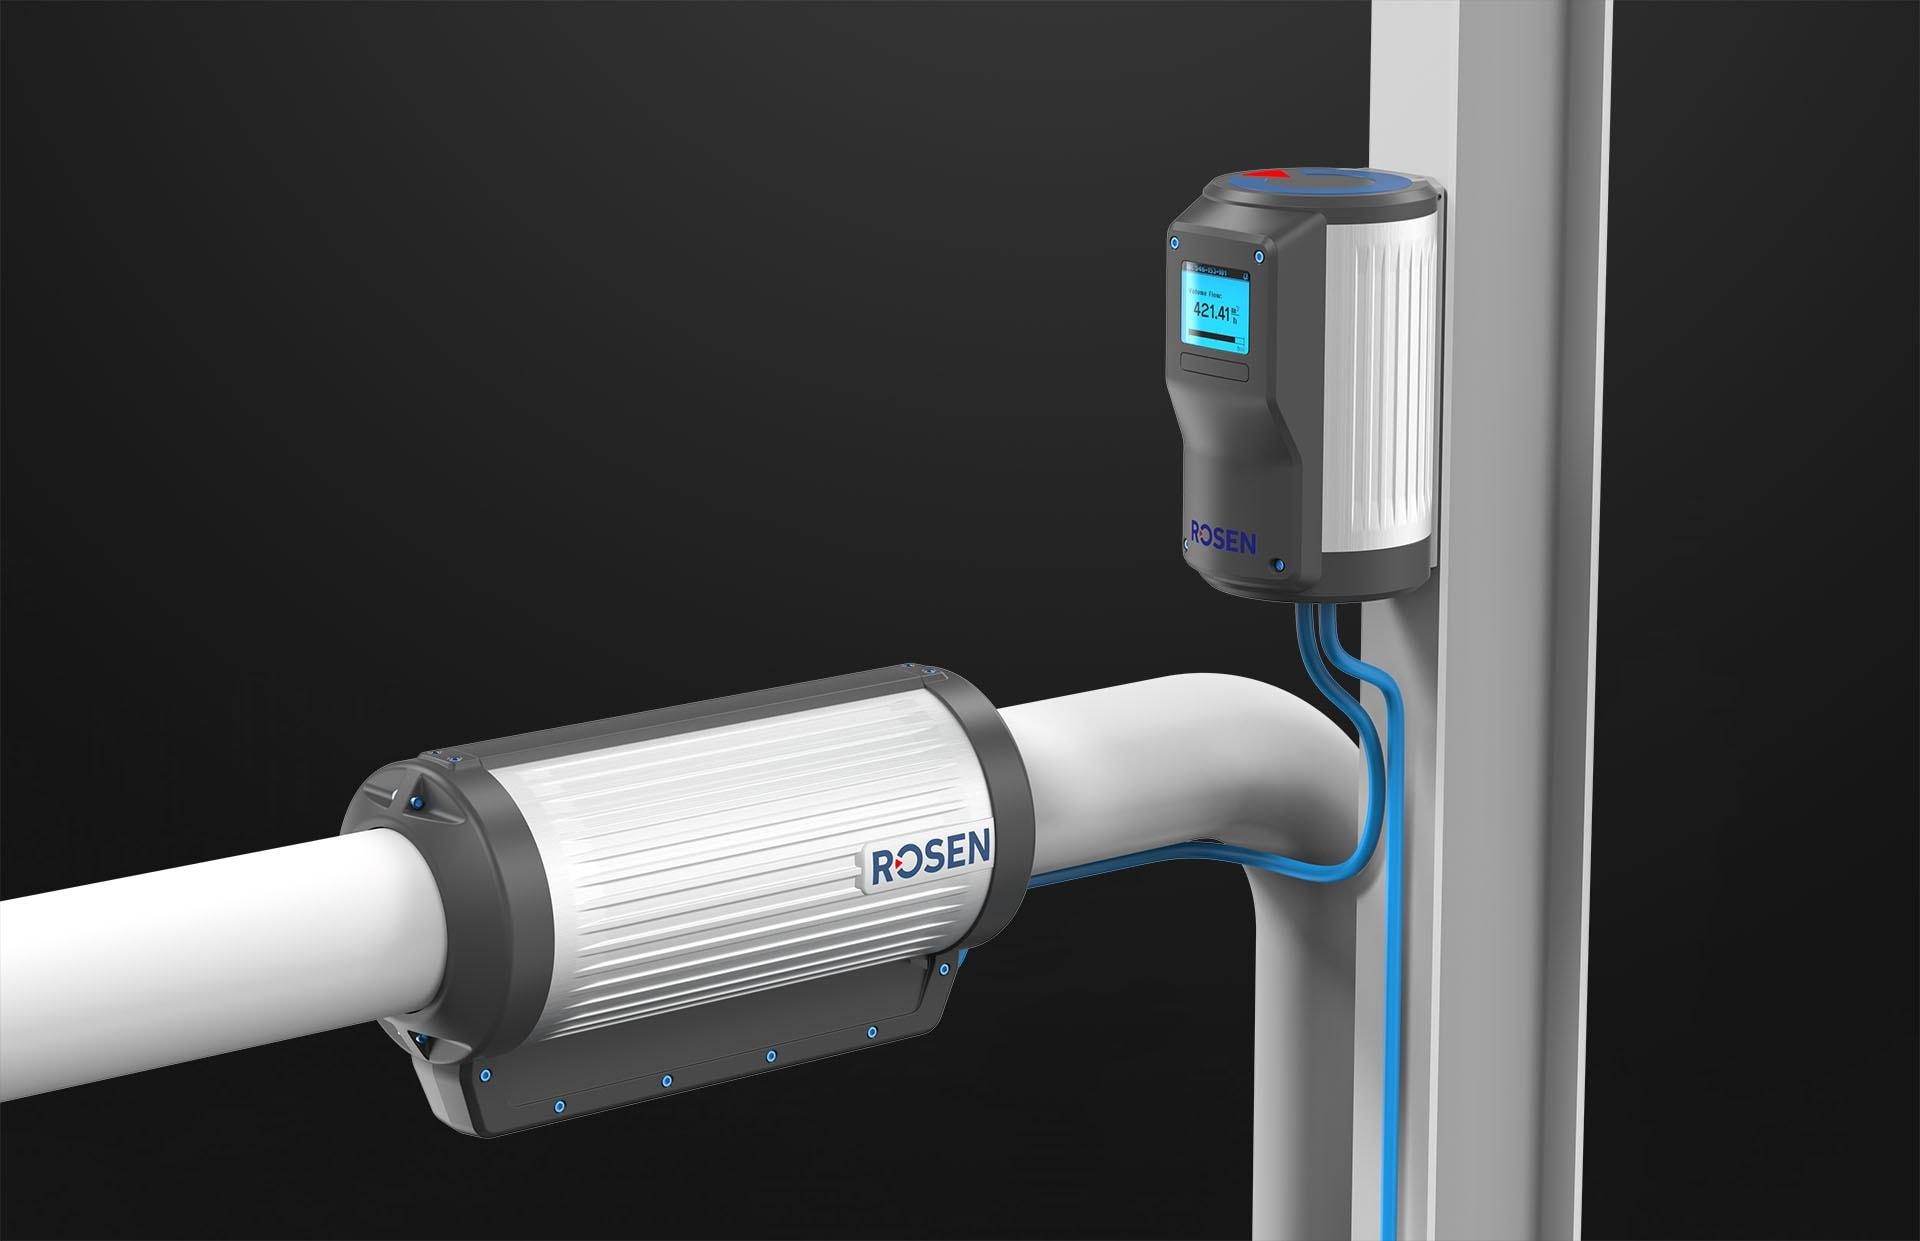 Rosen Flowmeter Sensor Industriedesign